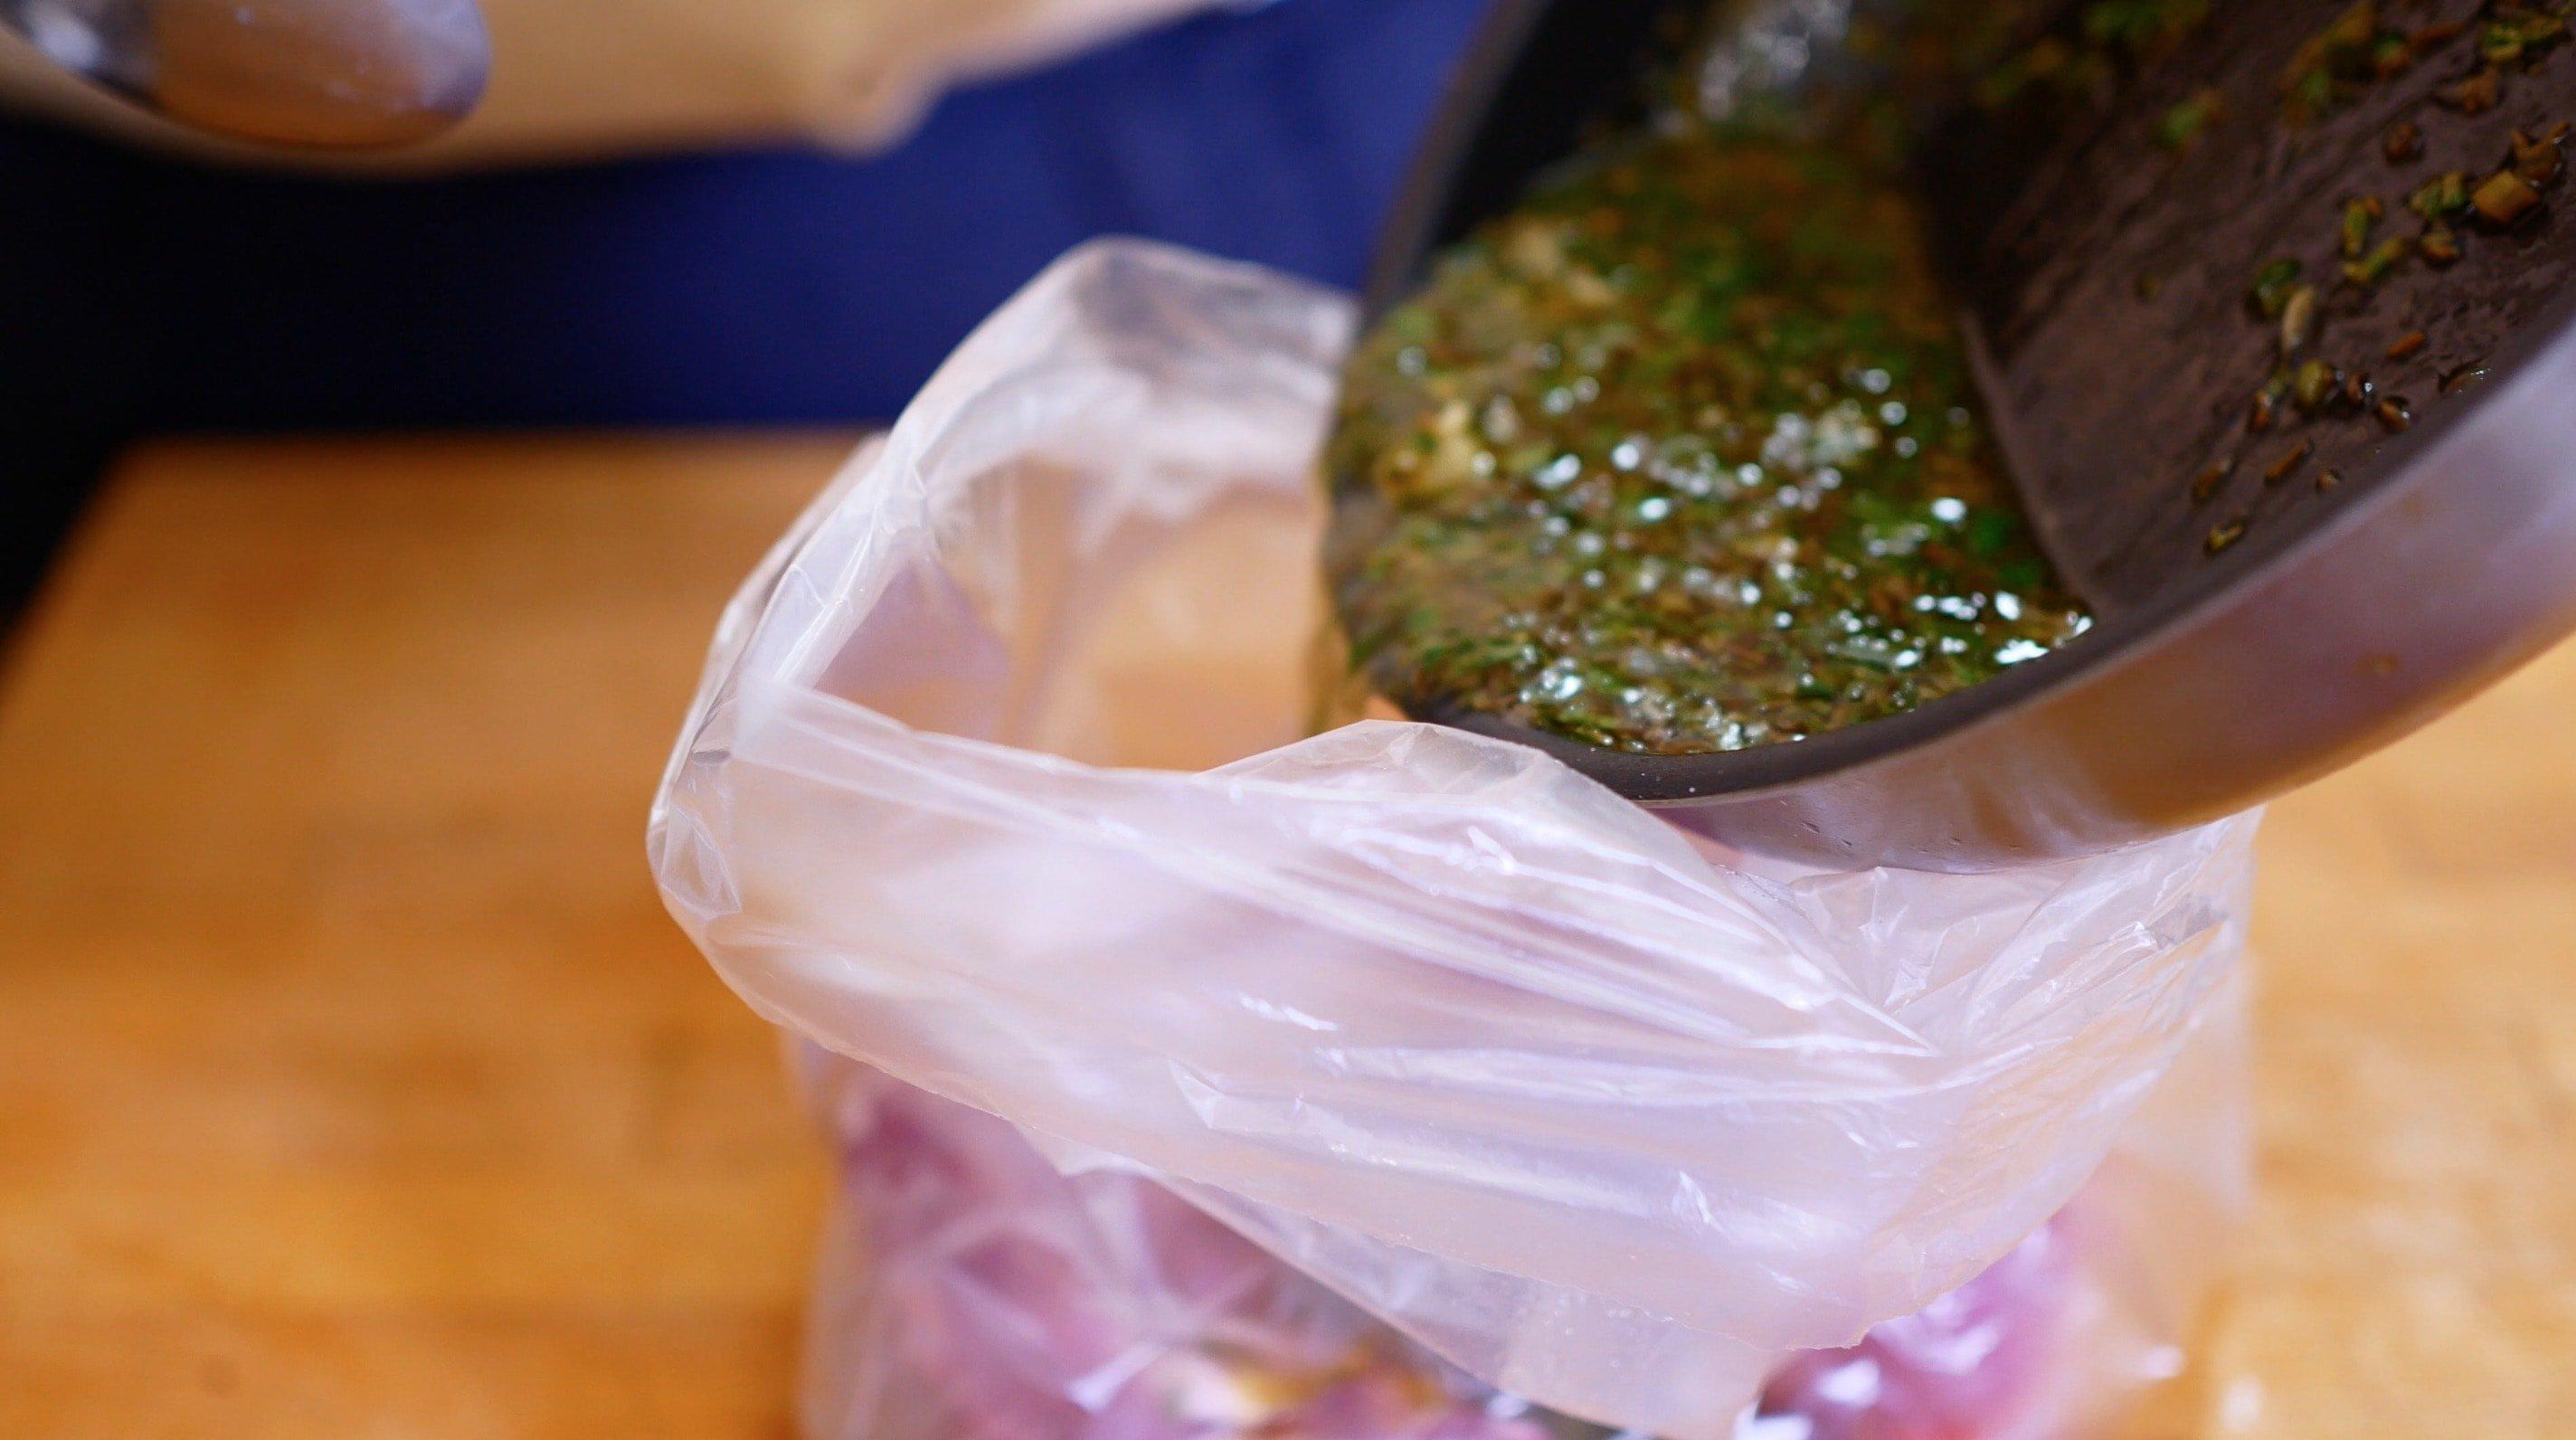 Половину готового моджо вылейте на вырезку в качестве маринада. Часть оставьте, отличной подойдет в качестве соуса